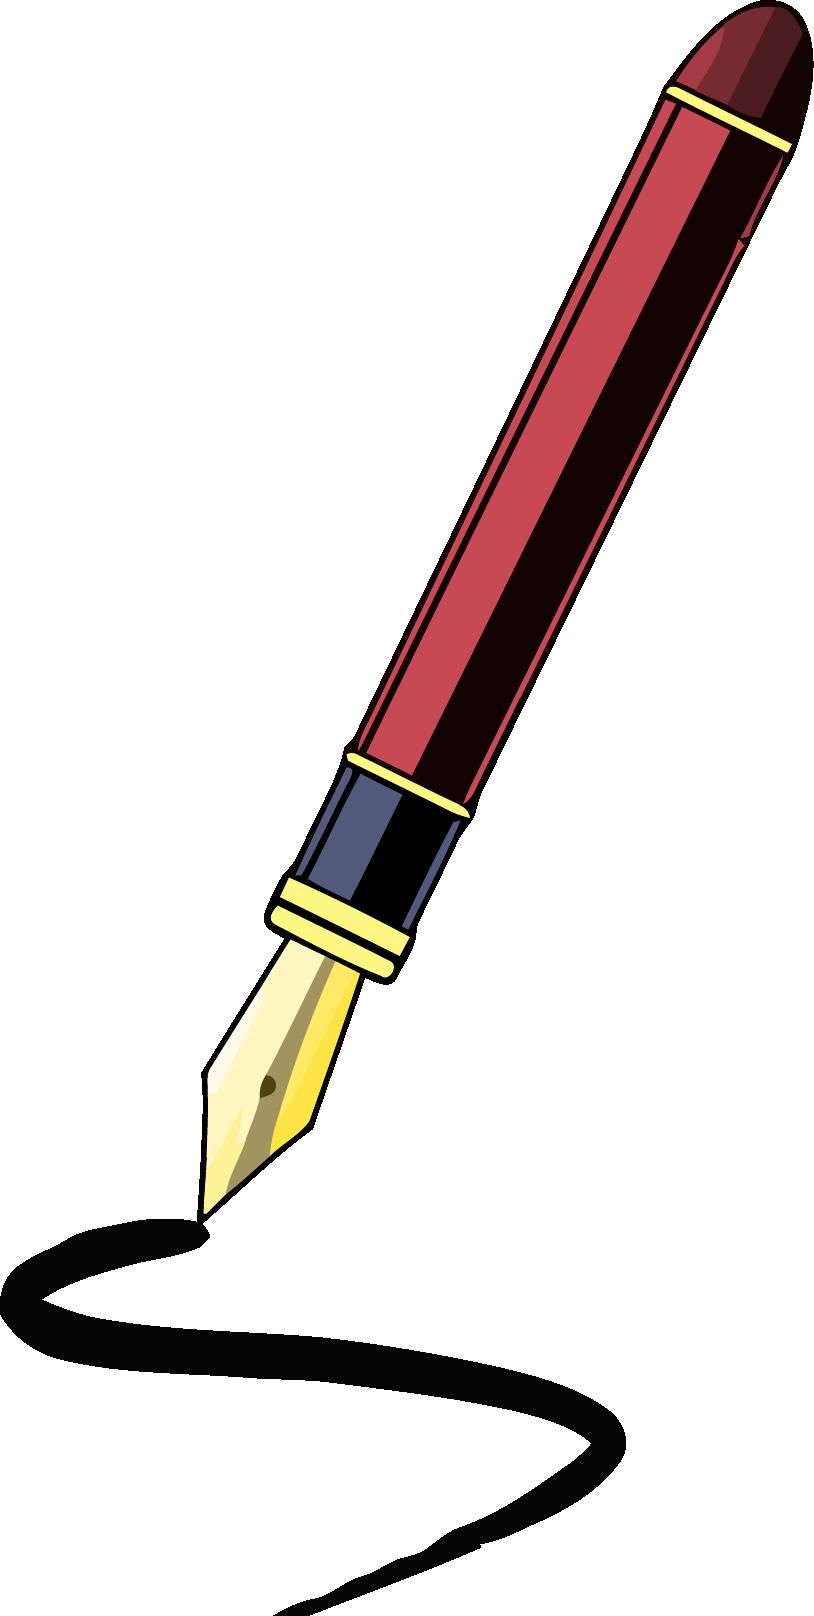 814x1616 Fancy Pen Clipart Png